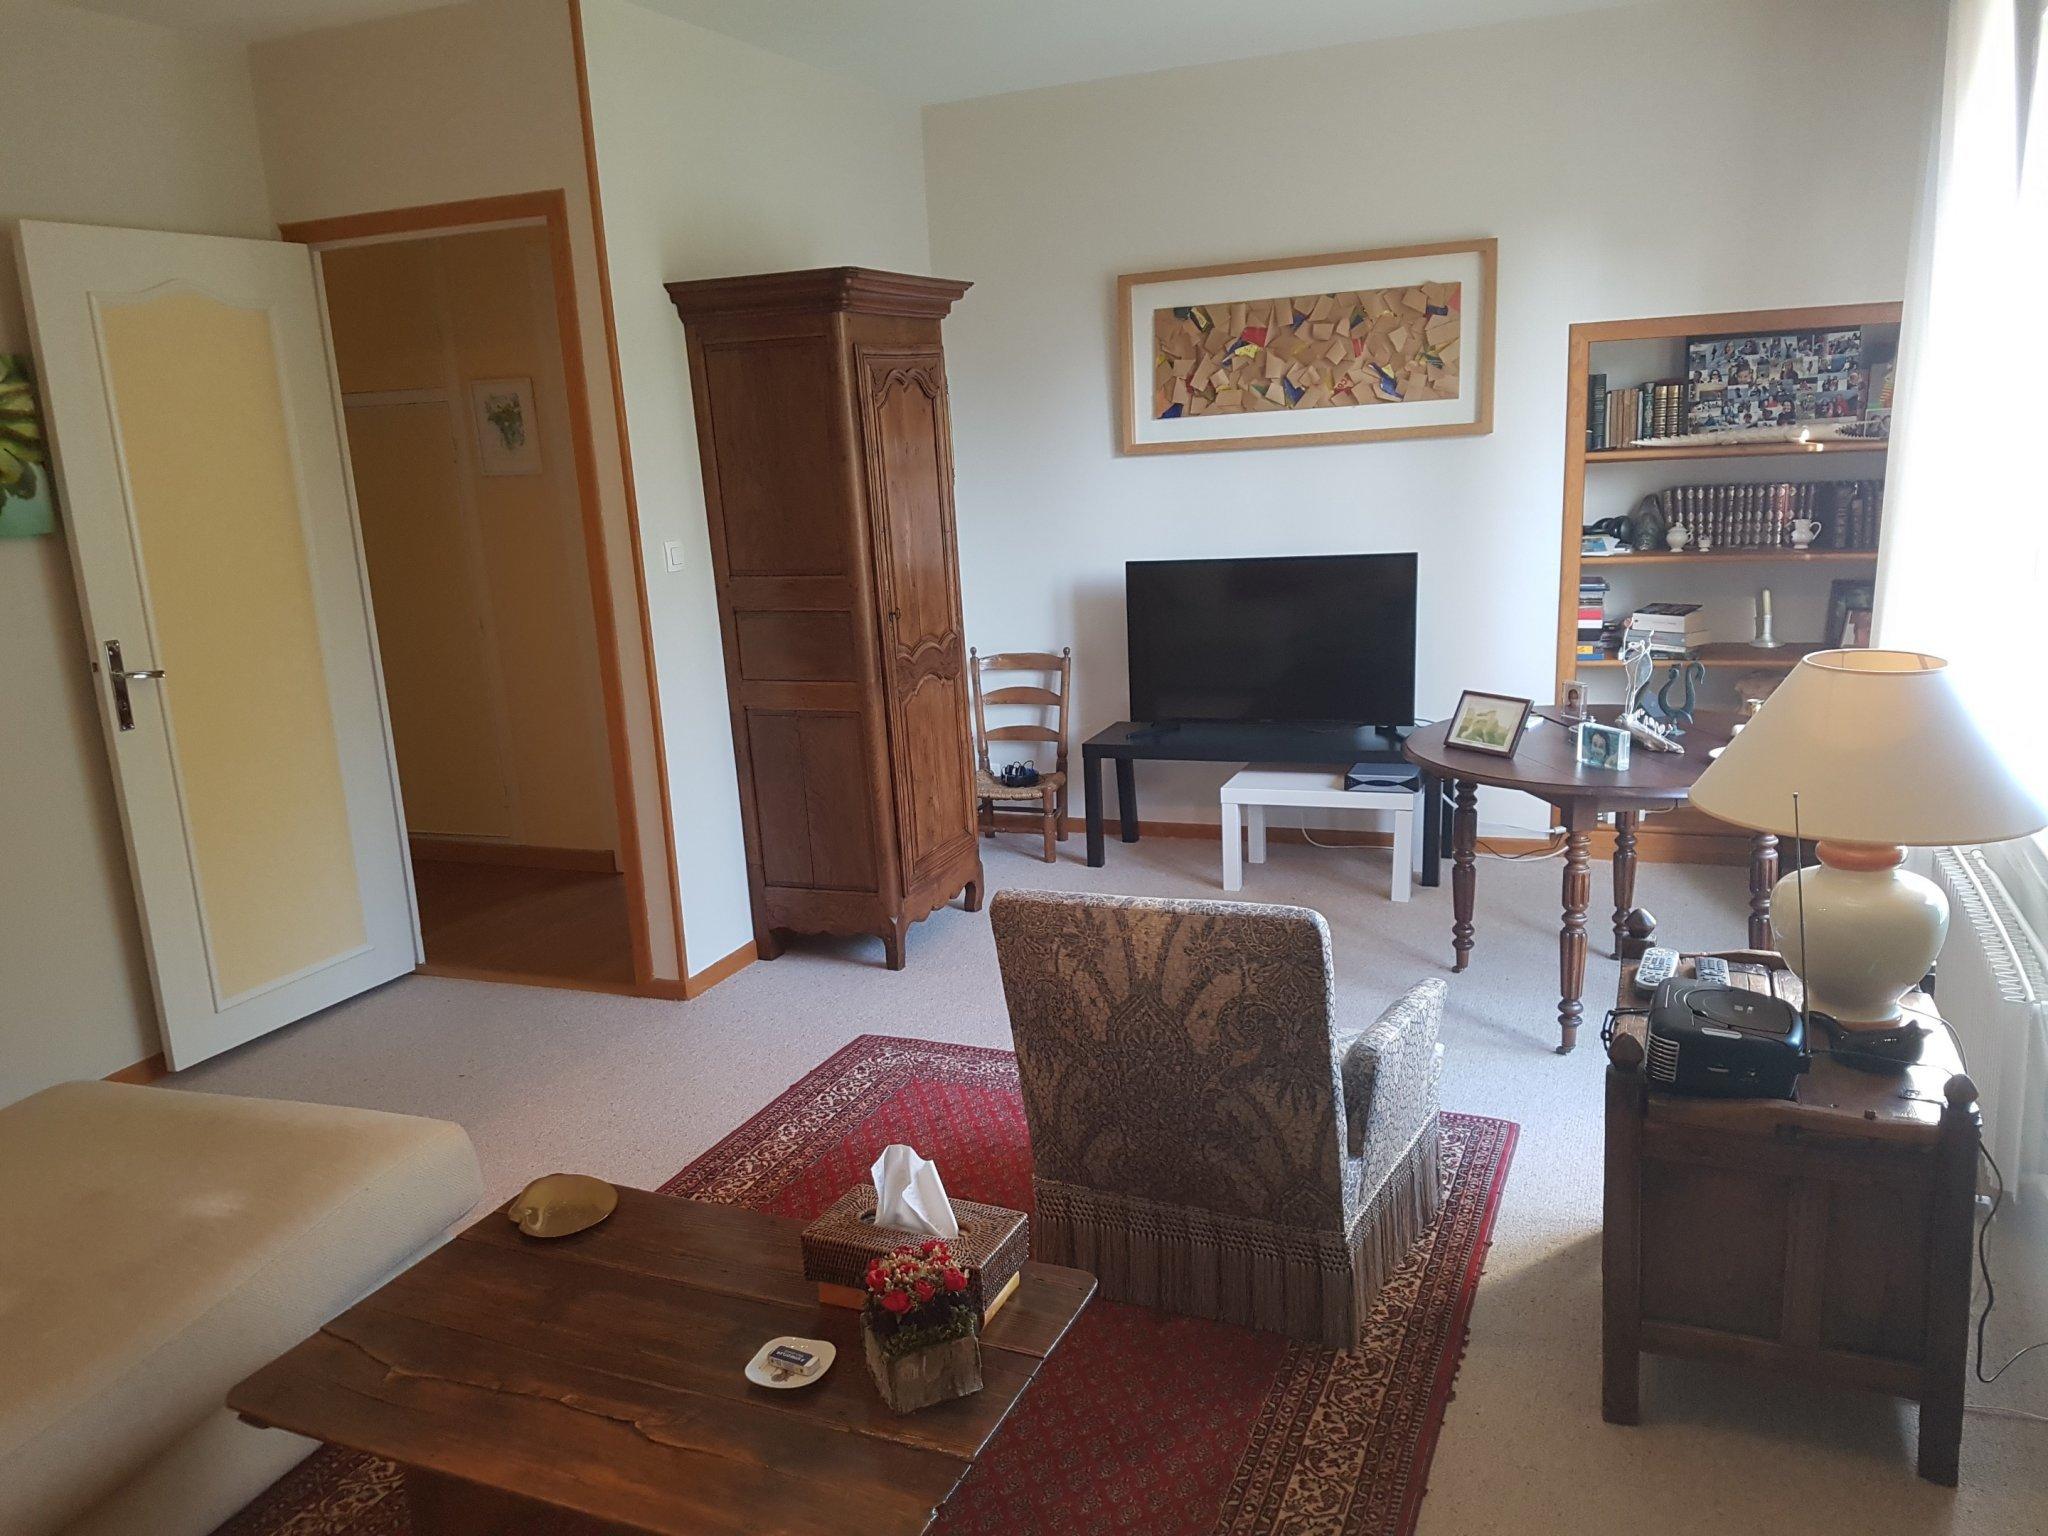 location appartement 5 pièces 97 m², caen - 900 €